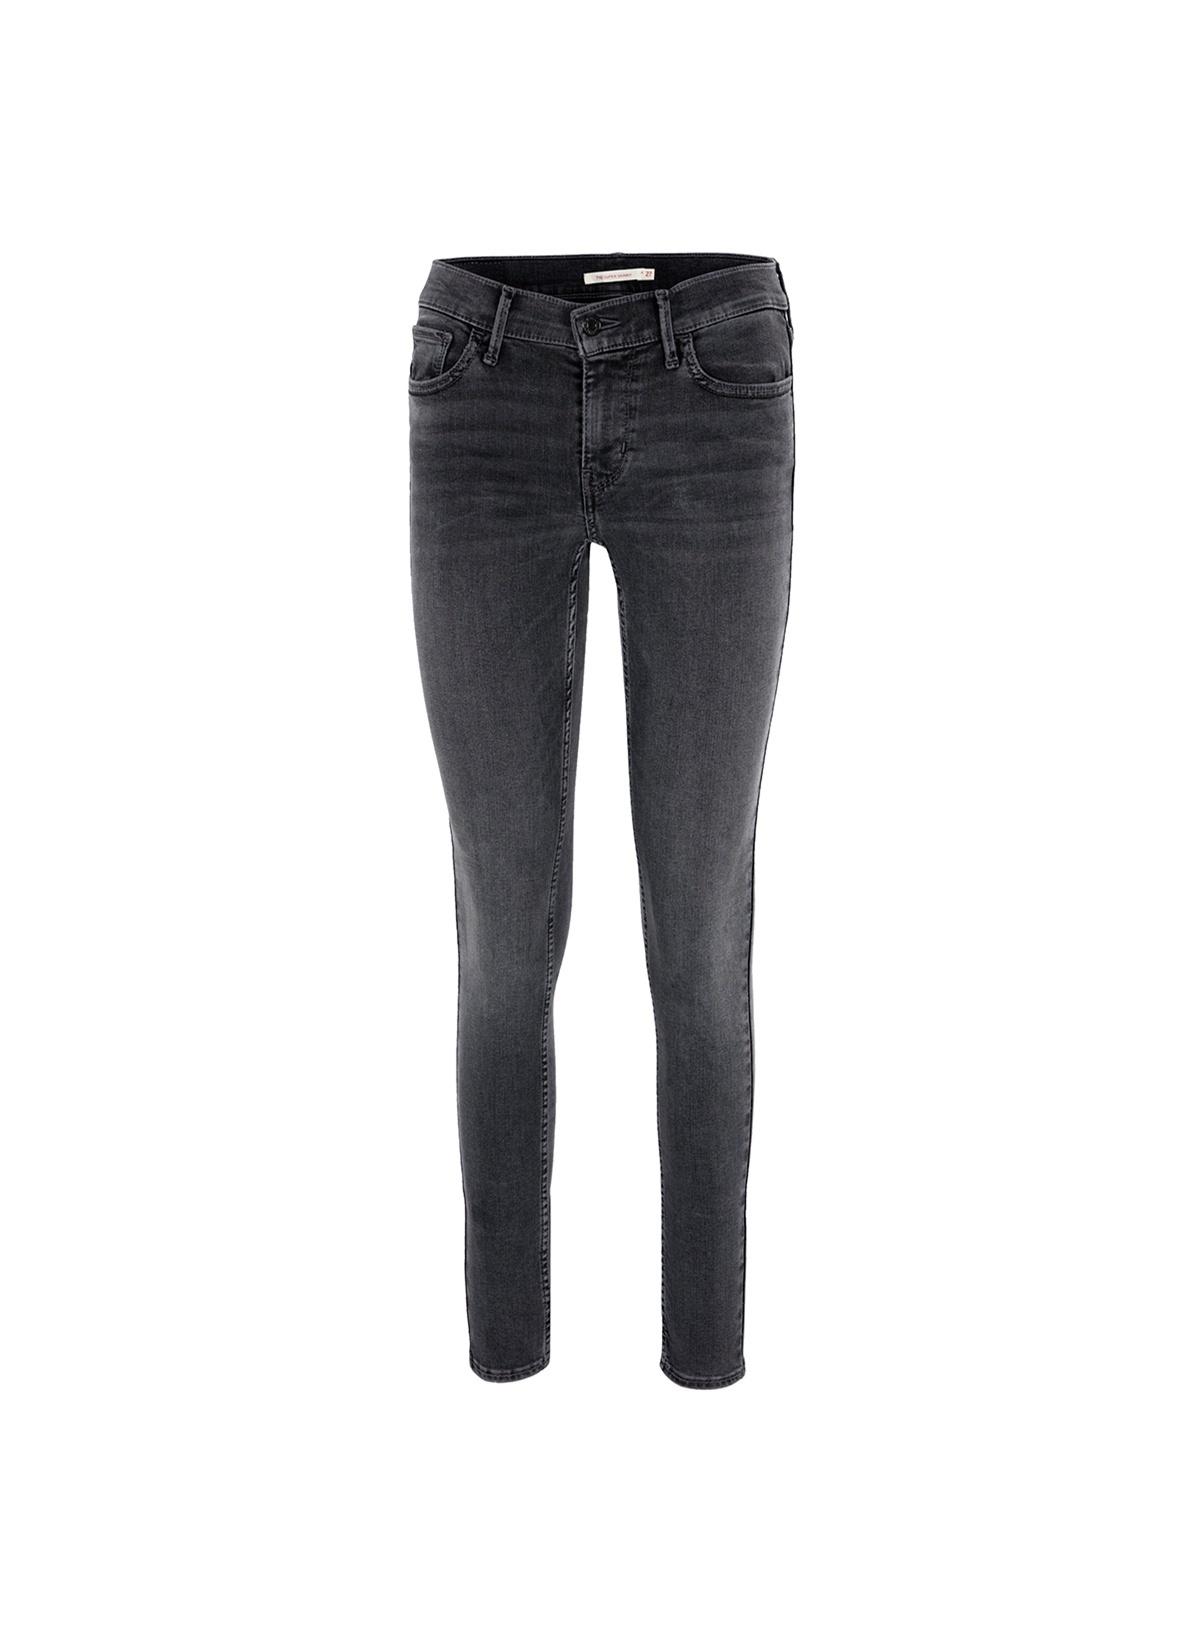 Levis®  Levi's® Jean Pantolon 17780-0037-Levi's-innovation-Jeans-Kadın